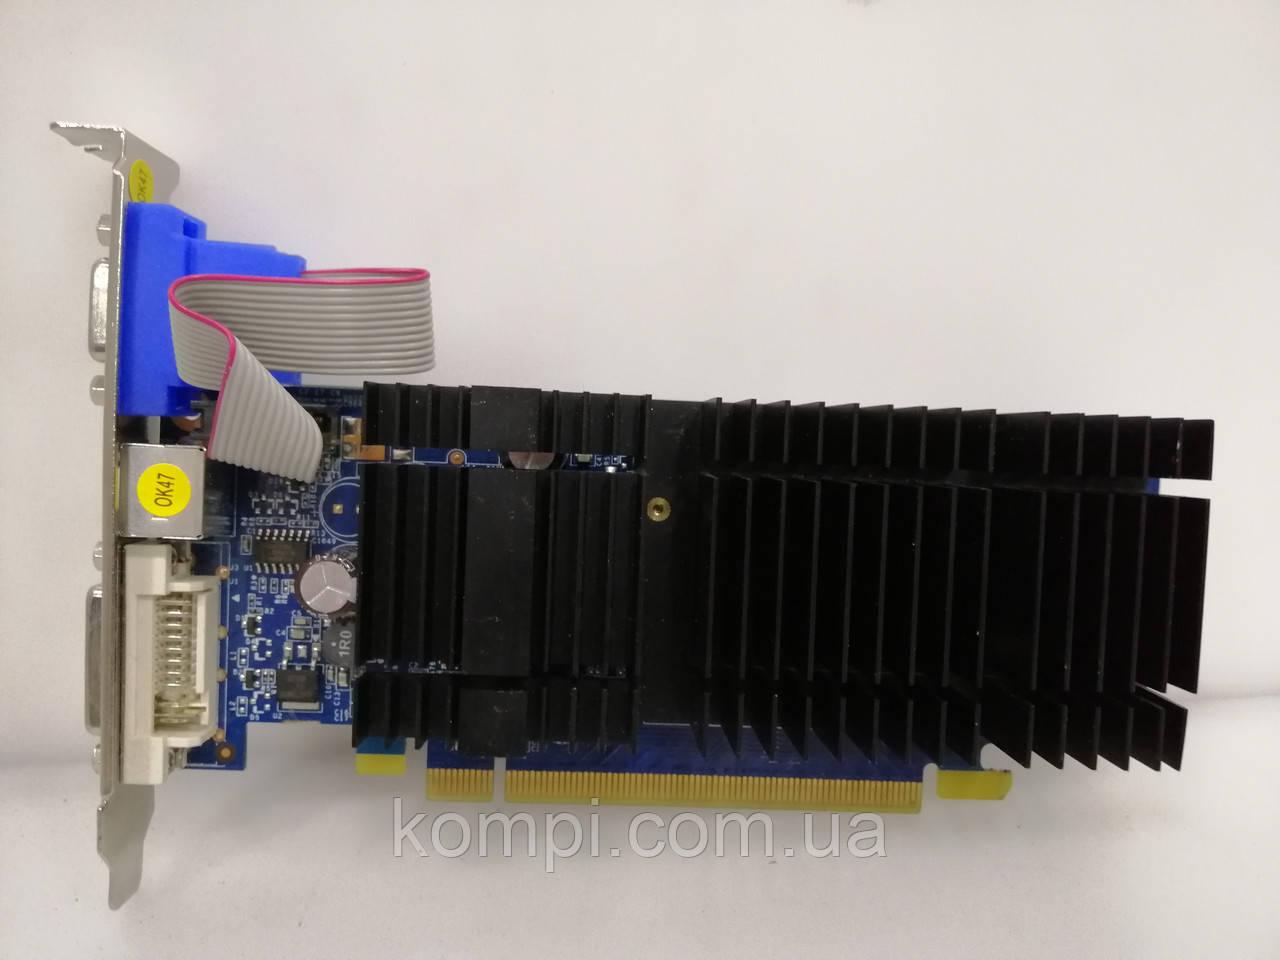 Видеокарта NVIDIA 8400GS 256MB PCI-E